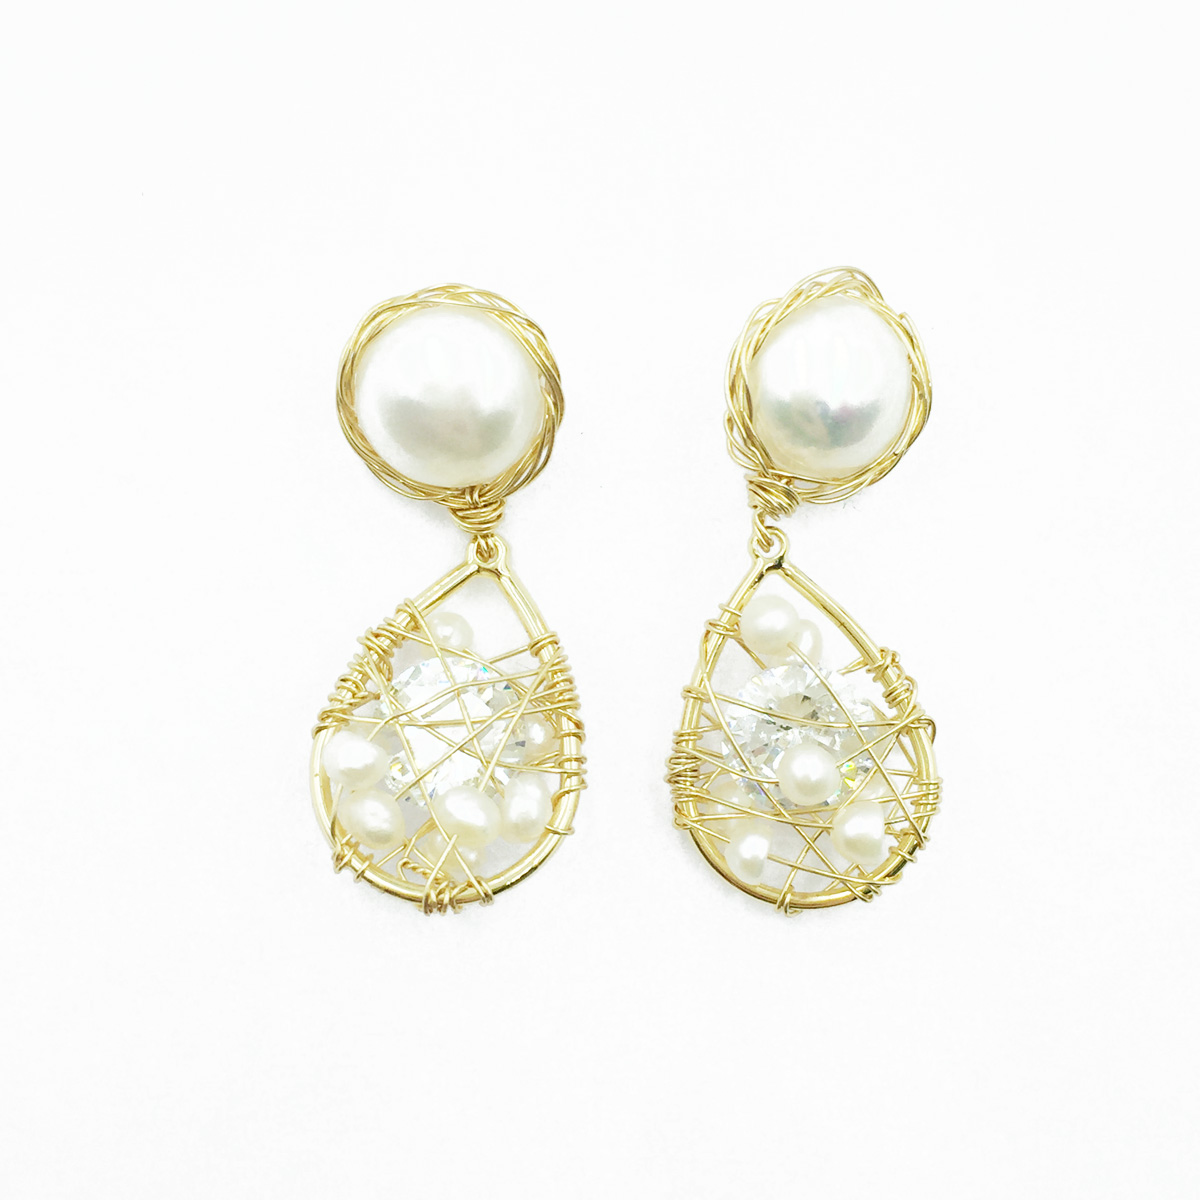 韓國 925純銀 水滴造型 金線 水鑽 珍珠 垂墜感 耳針式耳環